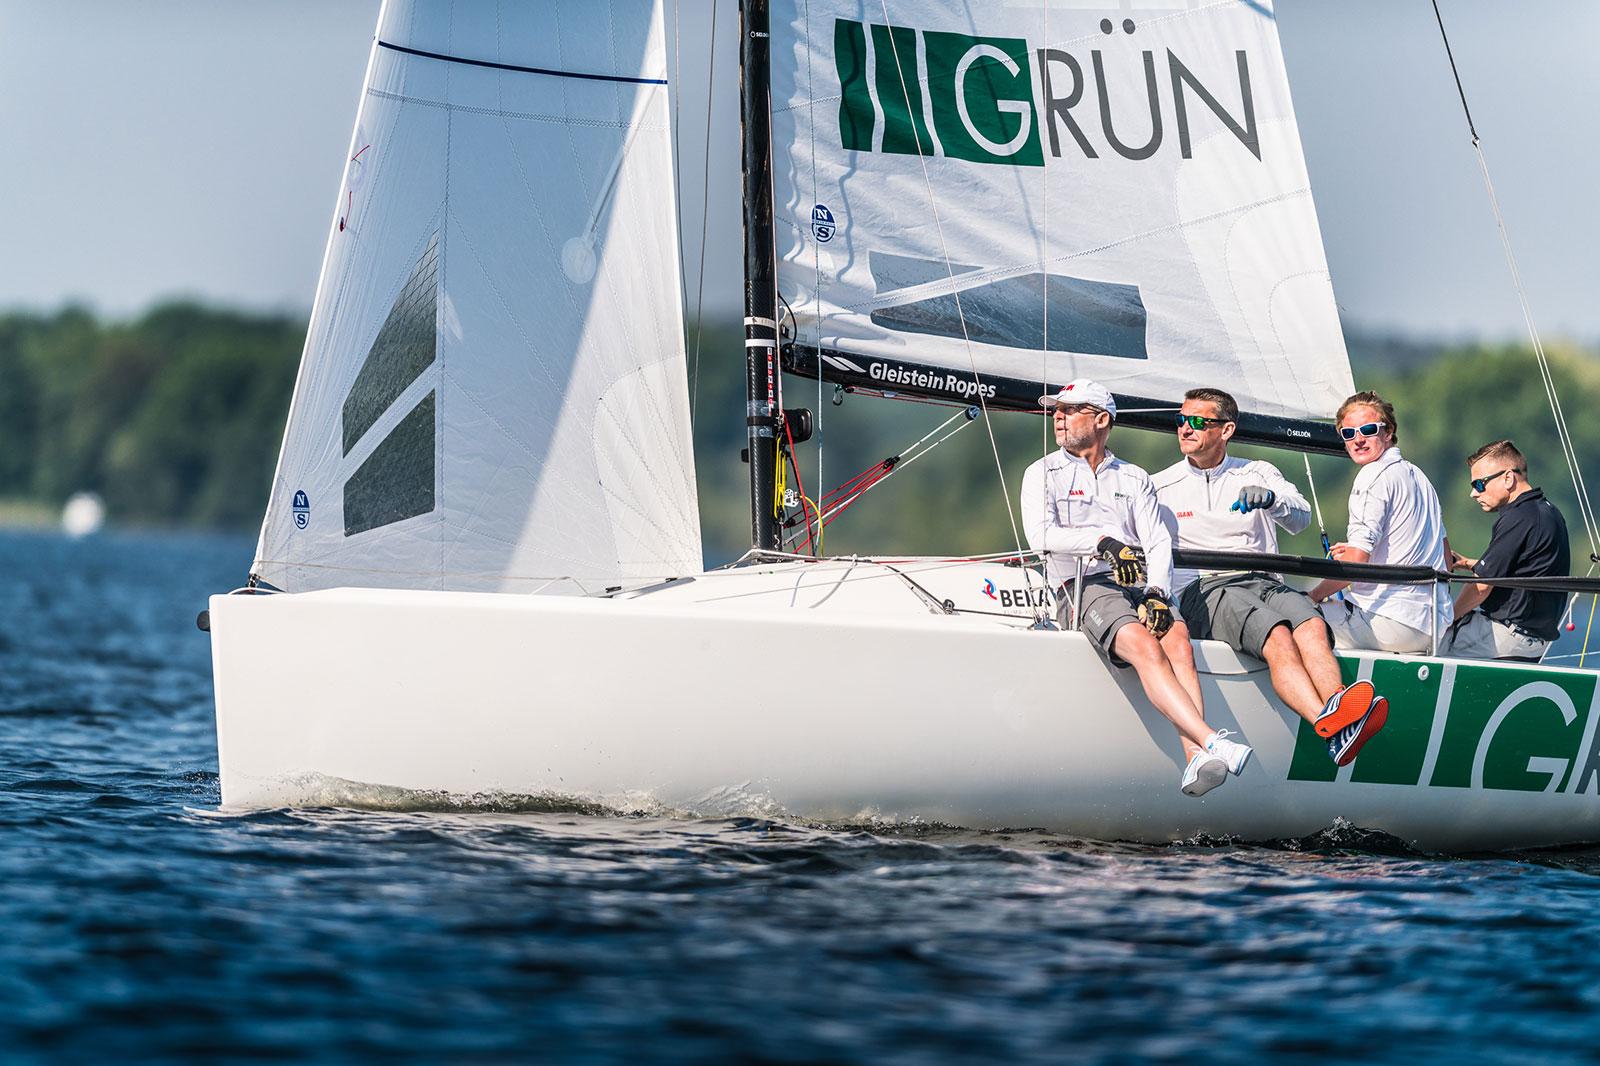 Das GRÜN Sailing Team bei der Regatta der Berliner Wannseewoche. Foto: Sören Hese